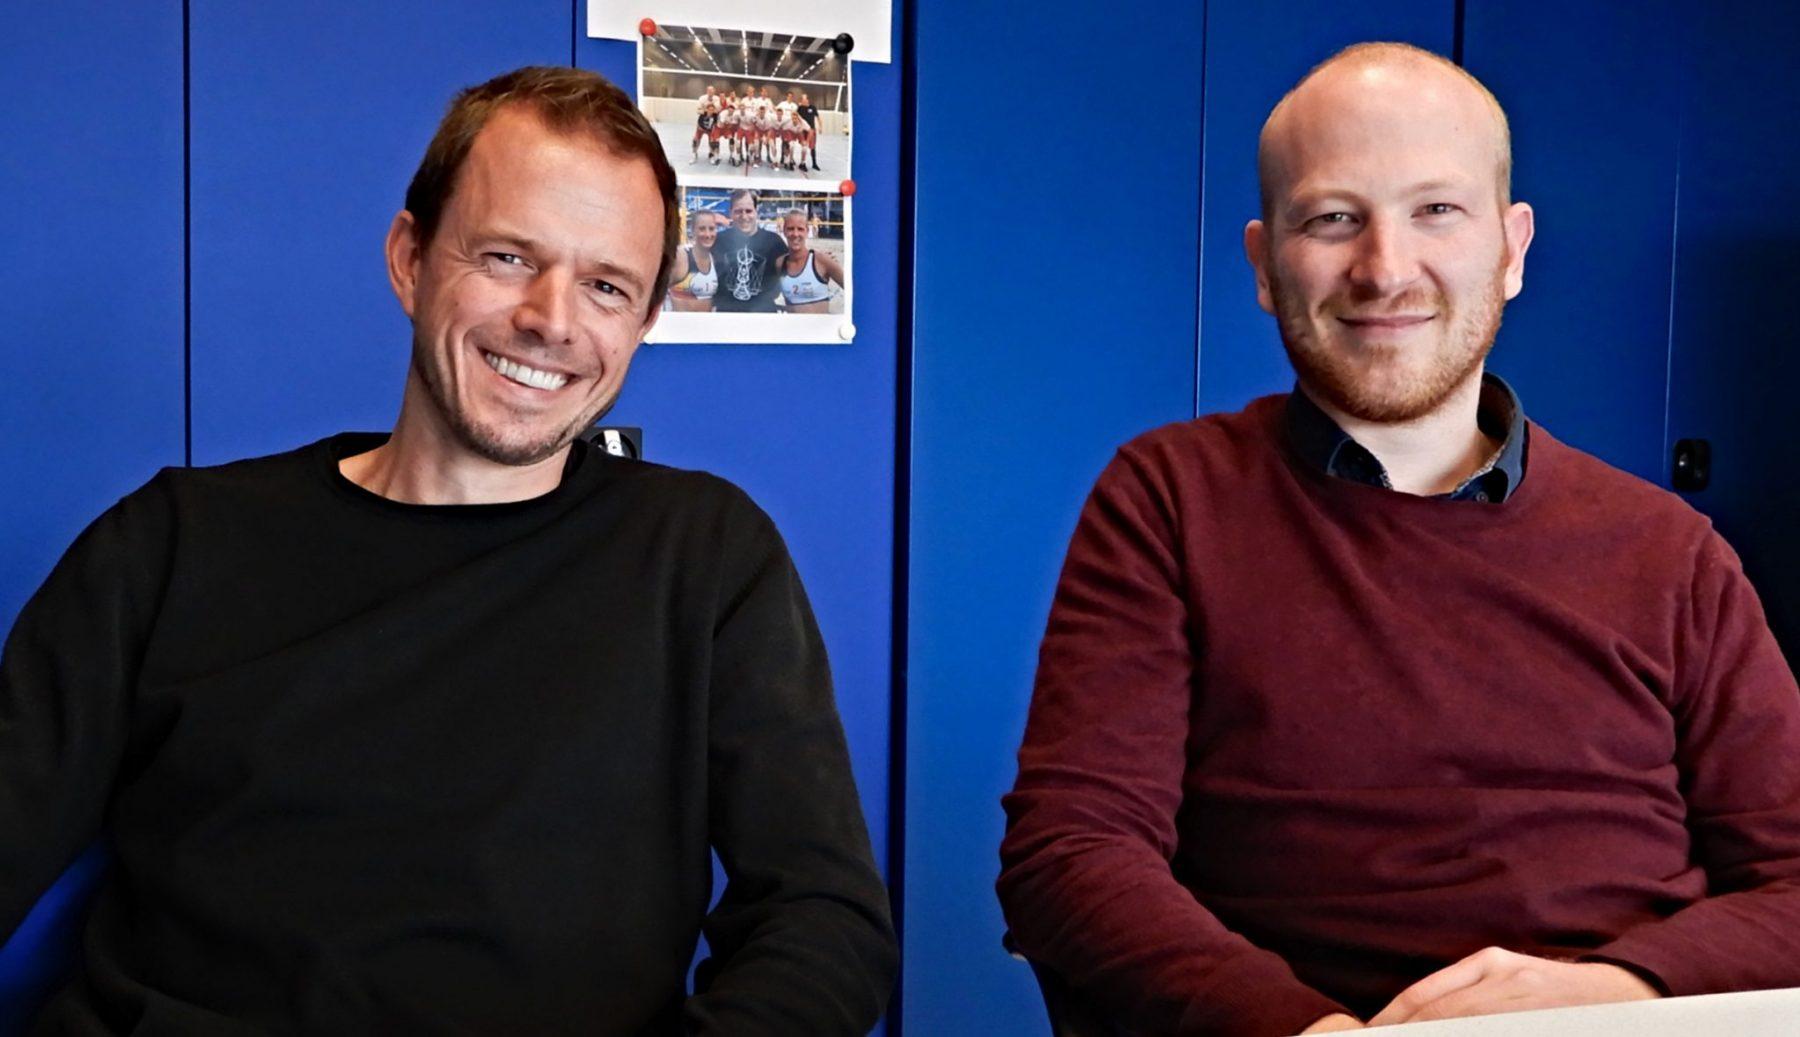 Pieter en Stijn zijn stabiliteitsingenieurs